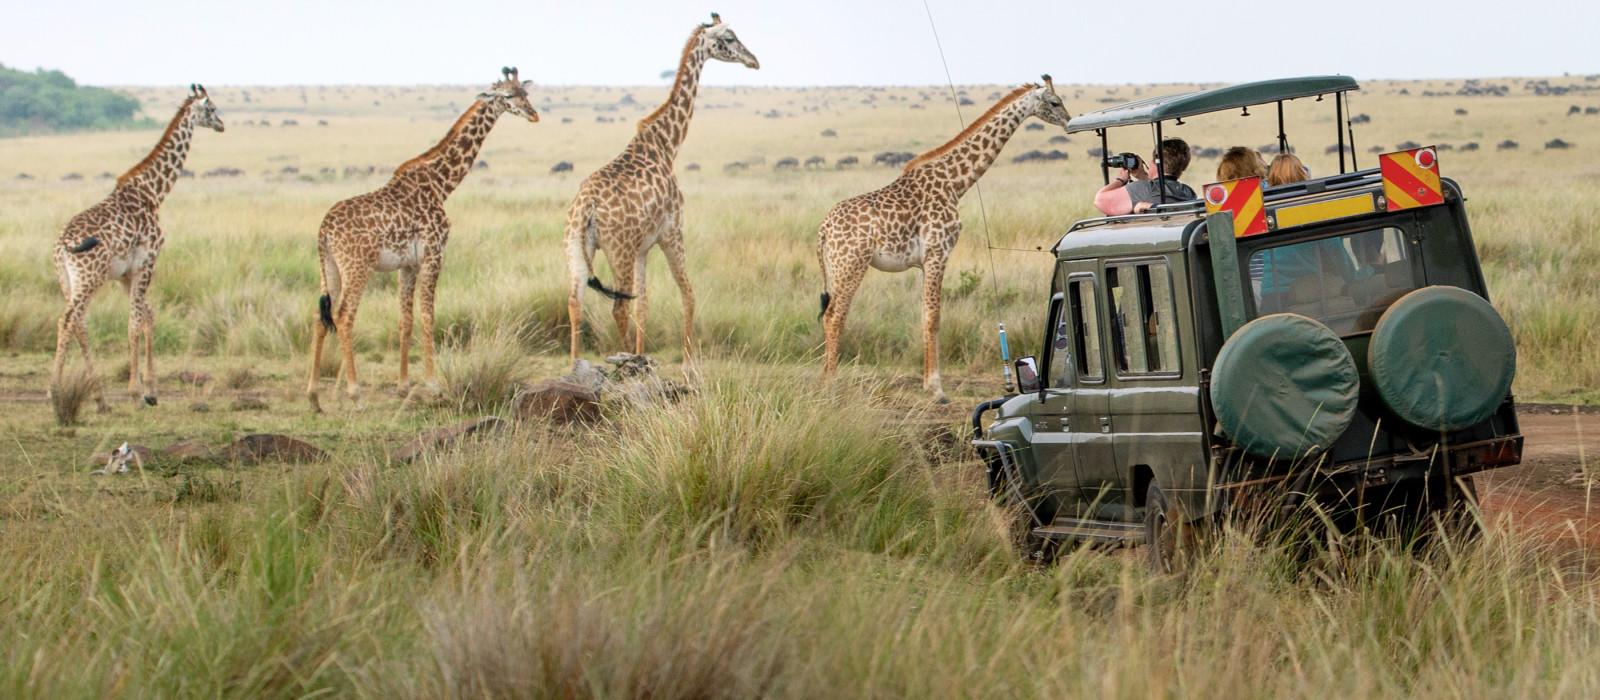 Kenya travel guide - Giraffes herd in savannah, Kenya, Africa